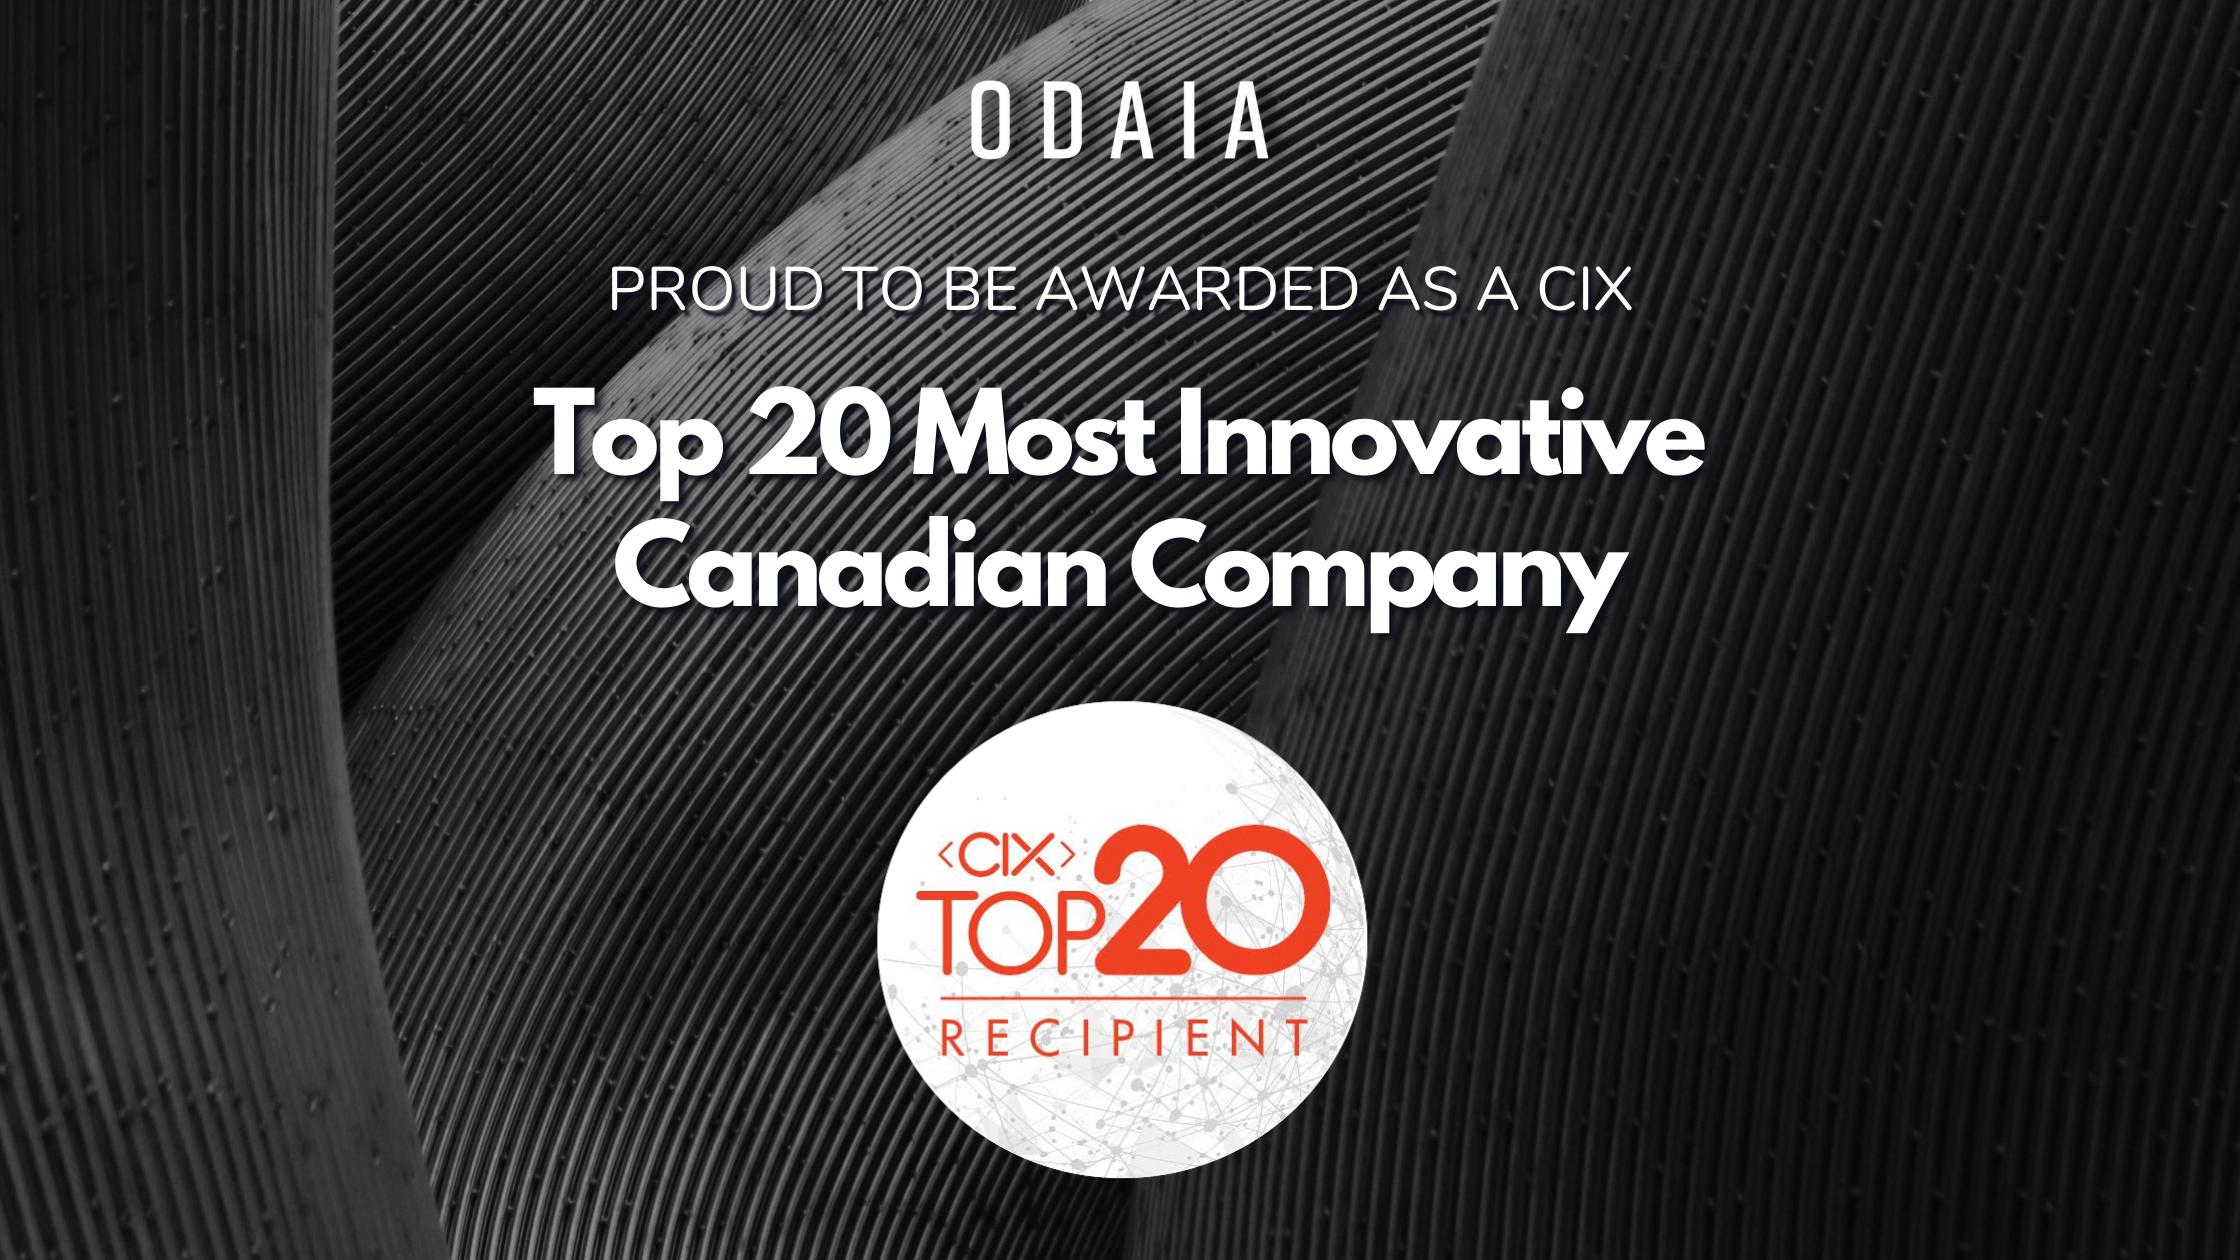 ODAIA Awarded CIX Top 20 Most Innovative Canadian Company